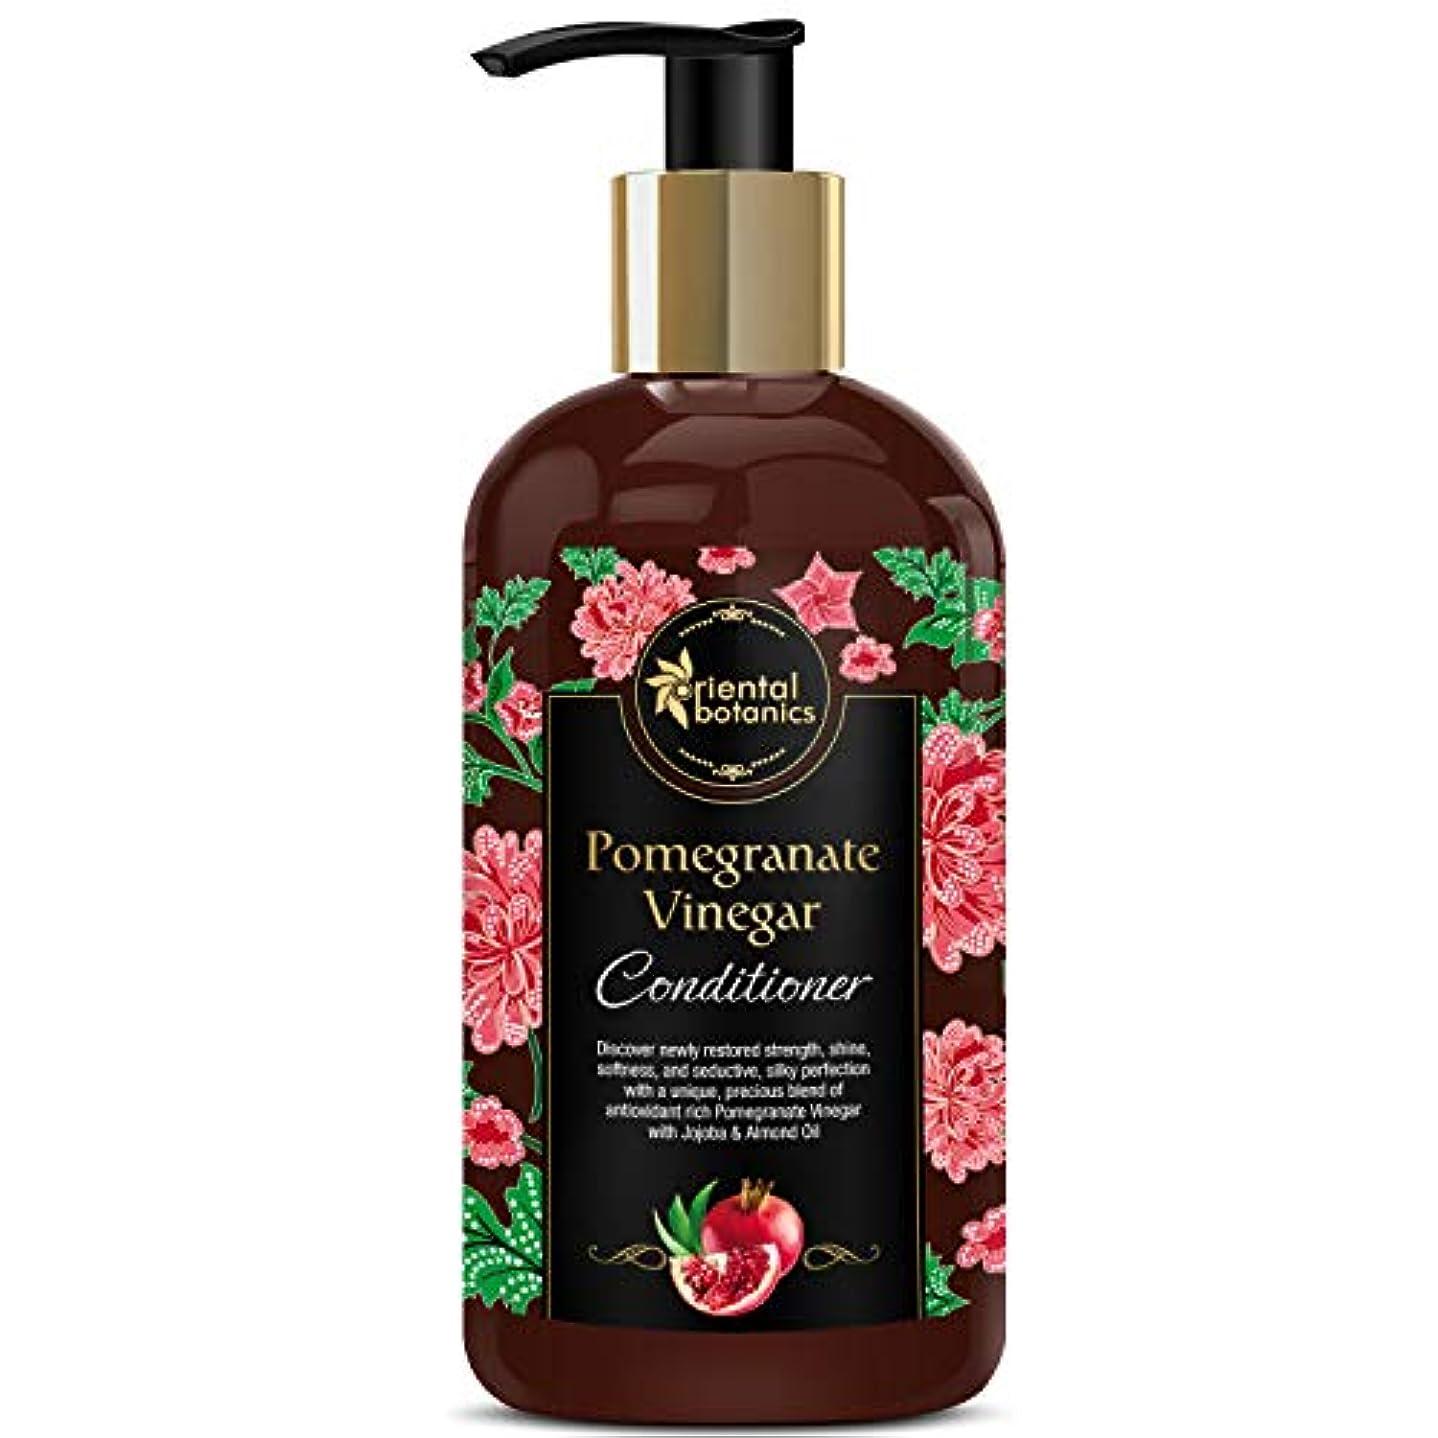 ラウズ不測の事態タイヤOriental Botanics Pomegranate Vinegar Conditioner - For Healthy, Strong Hair with Antioxidant Boost & Golden Jojoba...